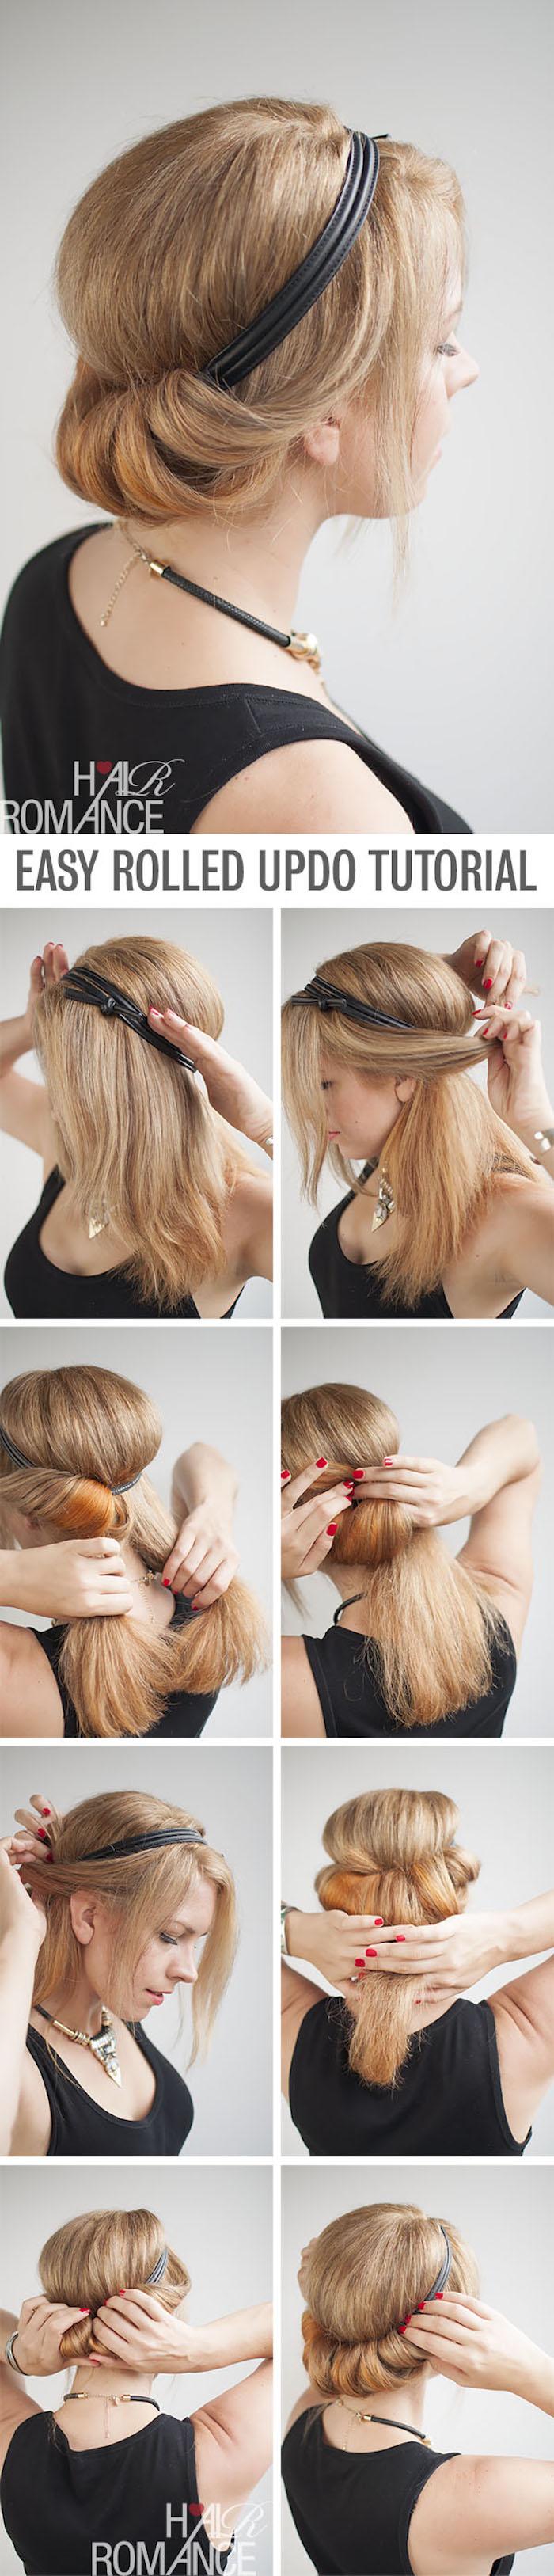 frisuren selber machen, haare hochstecken, hippie-frisur mit kopfband selber machen